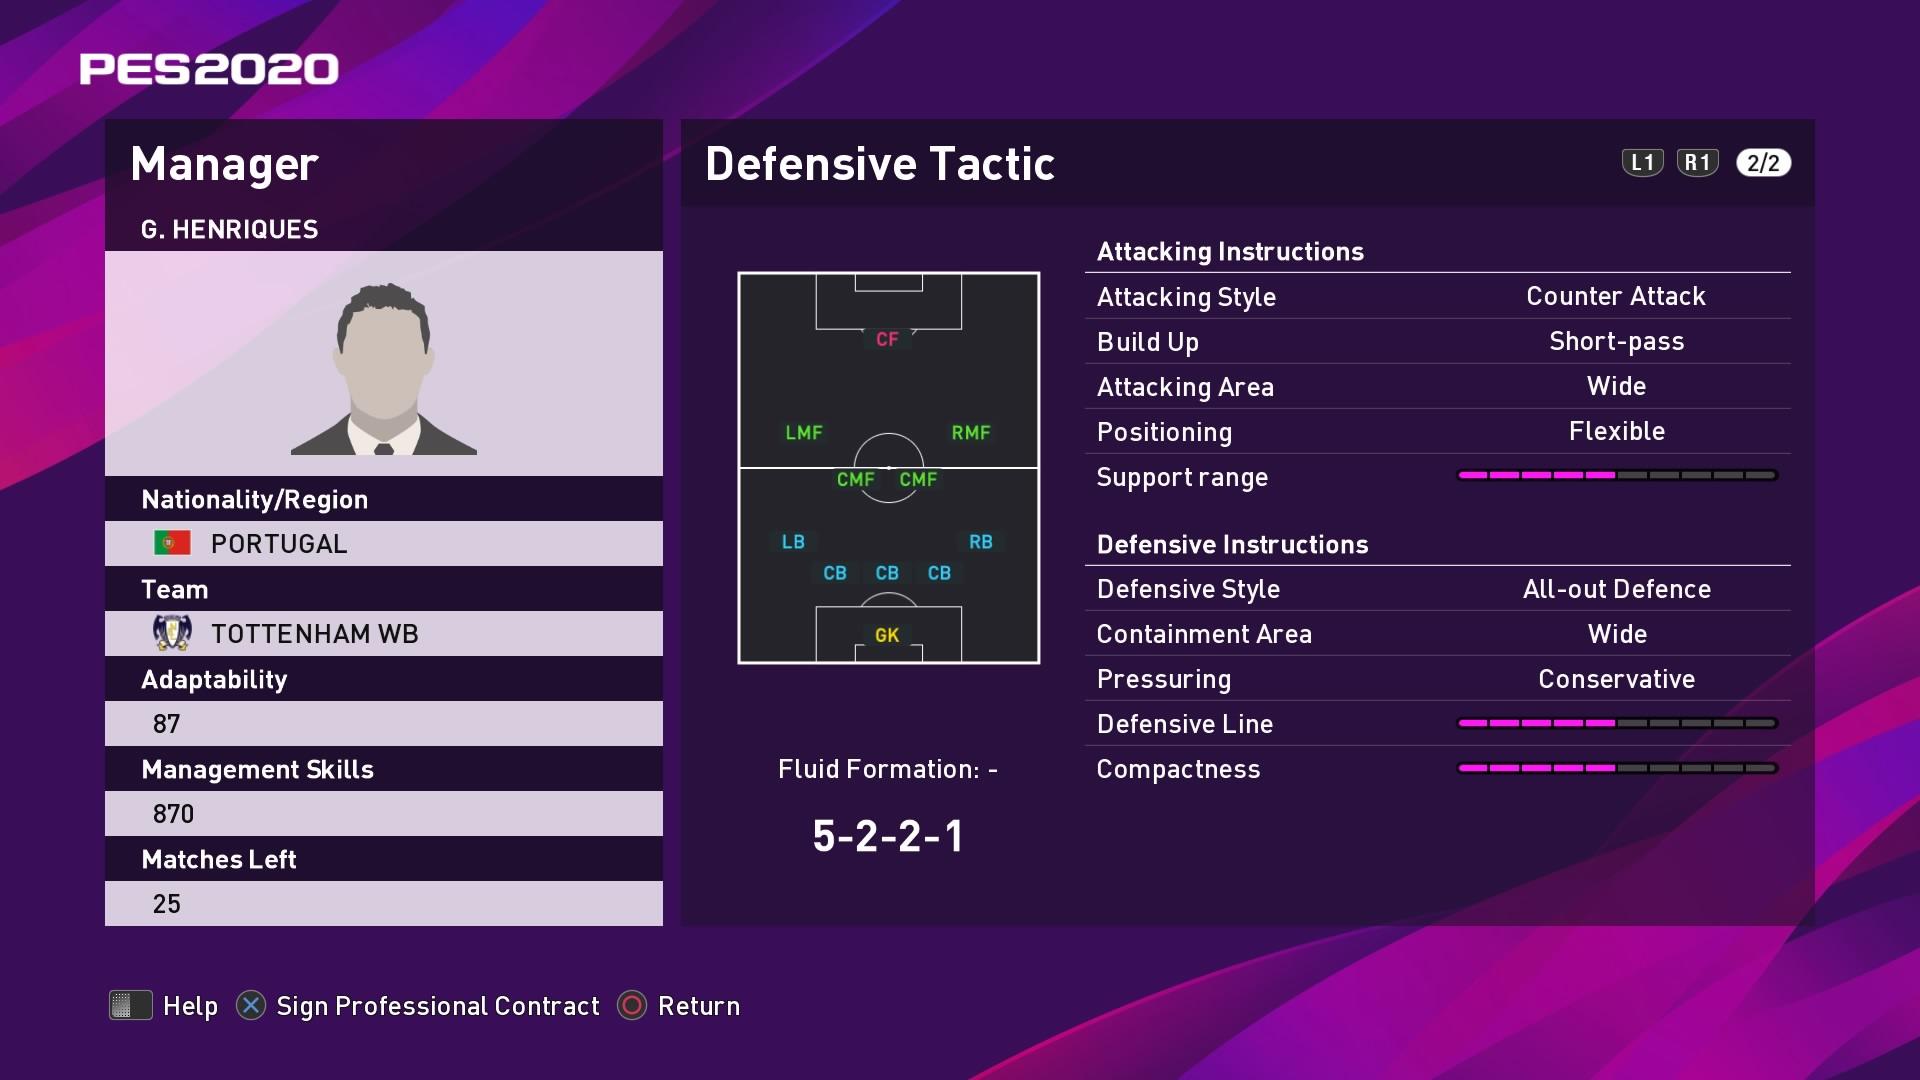 G. Henriques (3) (José Mourinho) Defensive Tactic in PES 2020 myClub